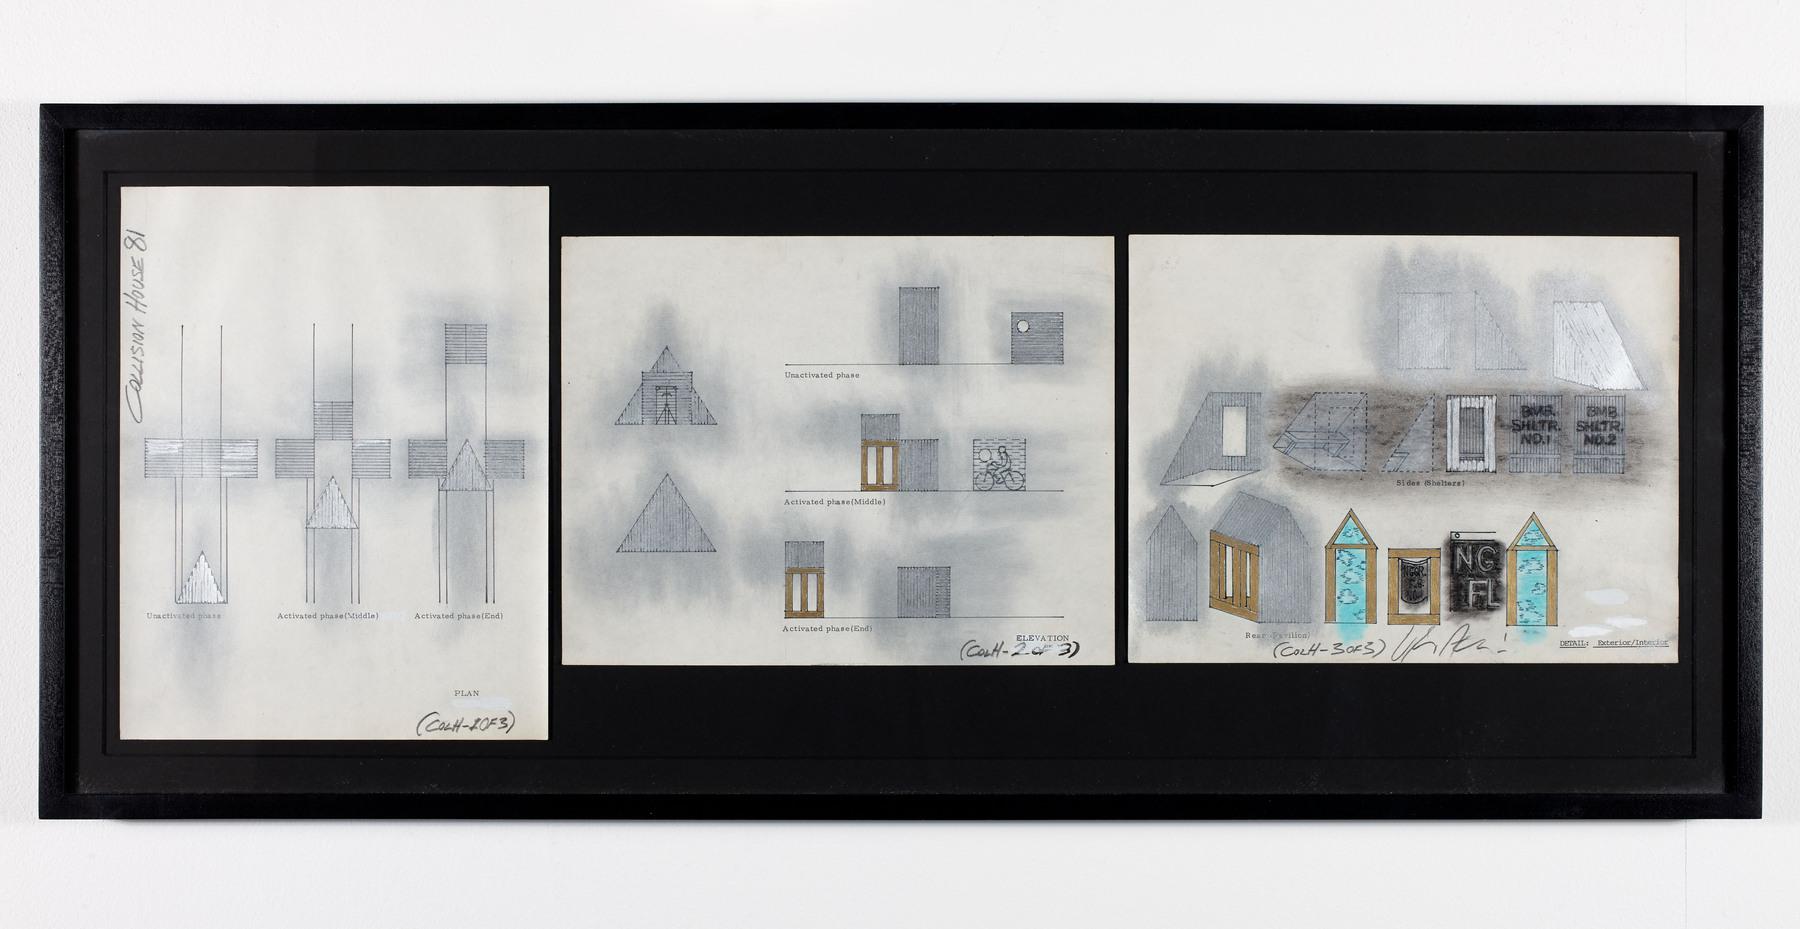 Vito Acconci - Collision House, 1981